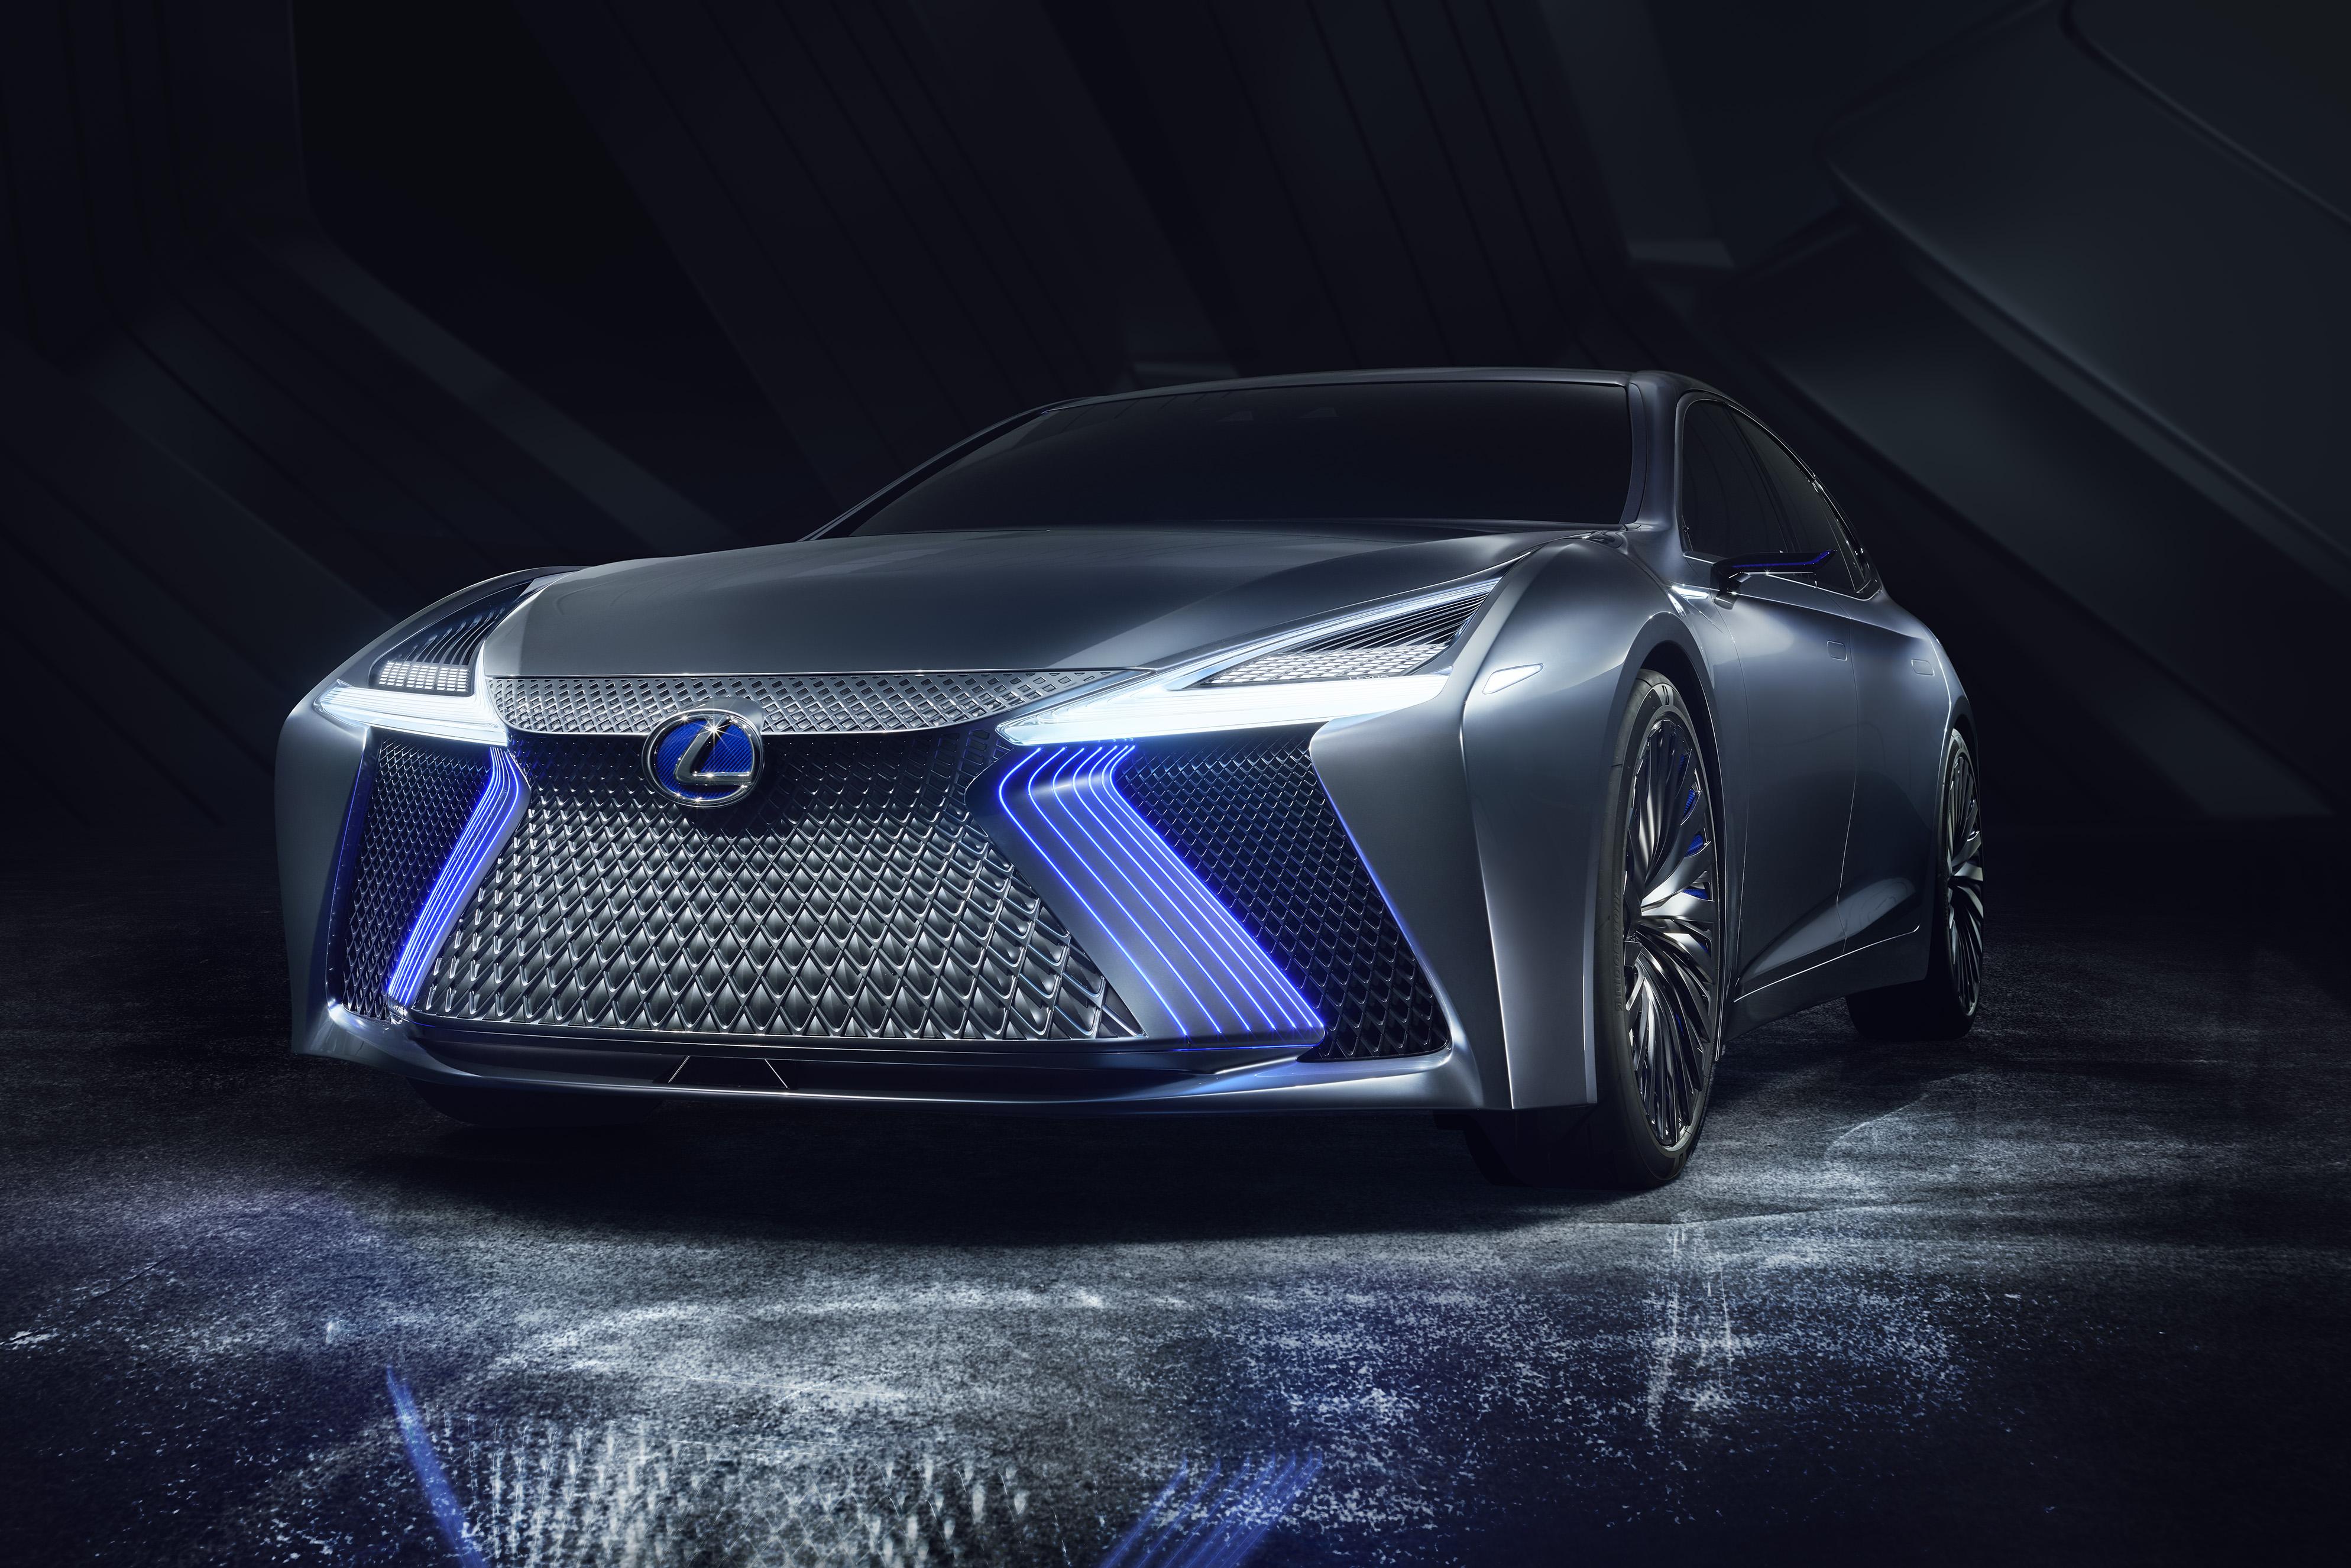 Lexus vous invite à vivre une aventure sensorielle exceptionnelle et inoubliable au Saloninternational canadien de l'auto à Toronto